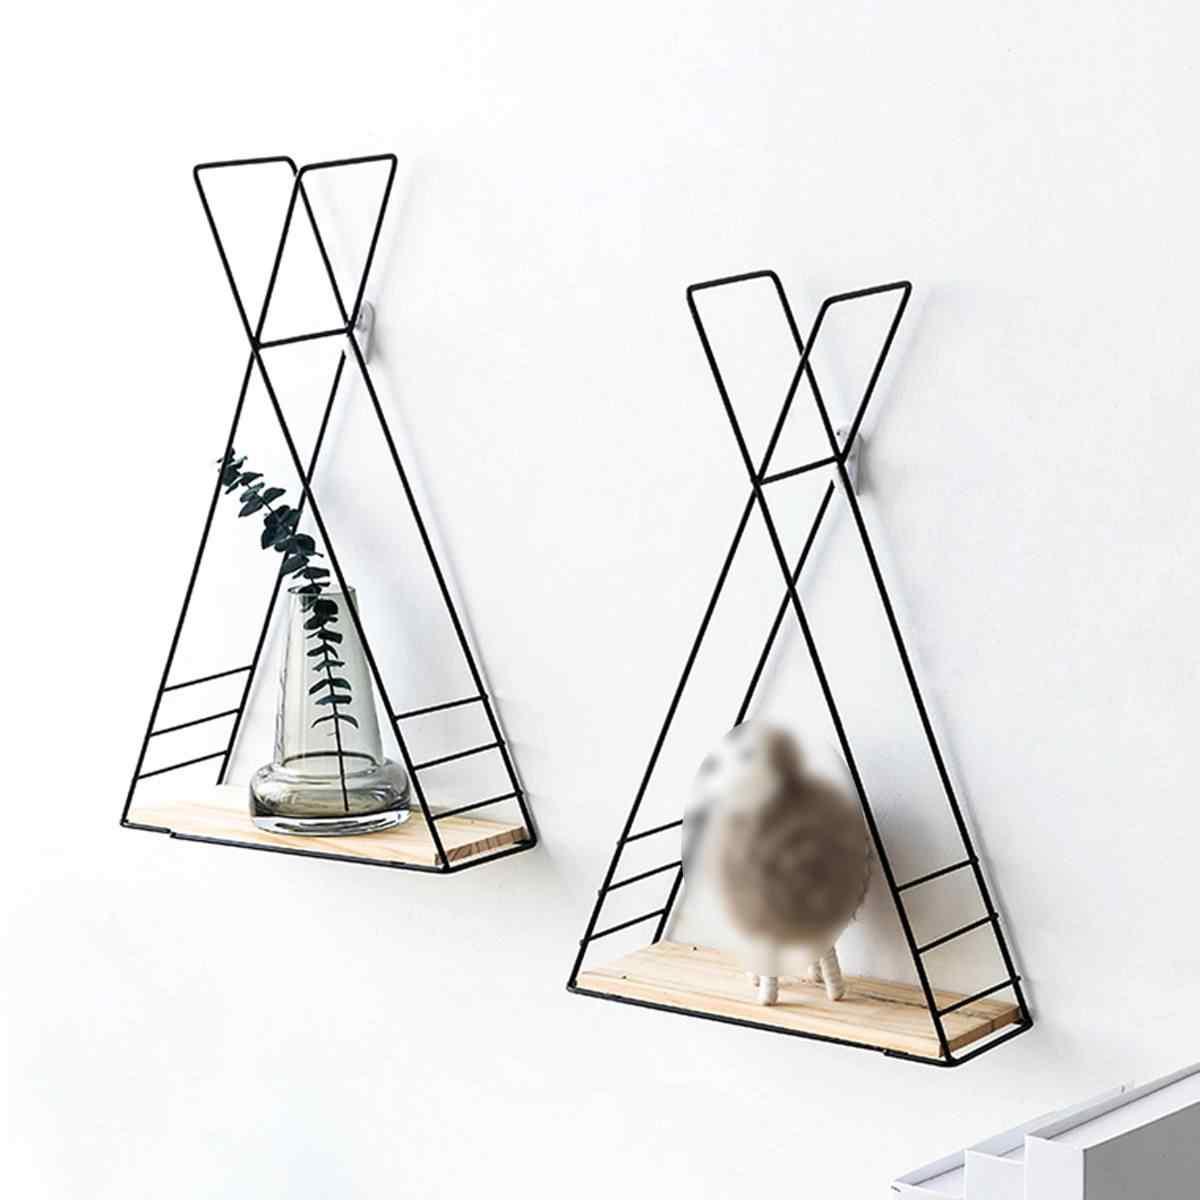 Metallo A Parete Appeso Triangolo Mensola con Woden Bordo Dell'organizzatore di Immagazzinaggio di Visualizzazione Cremagliera Oro Nero